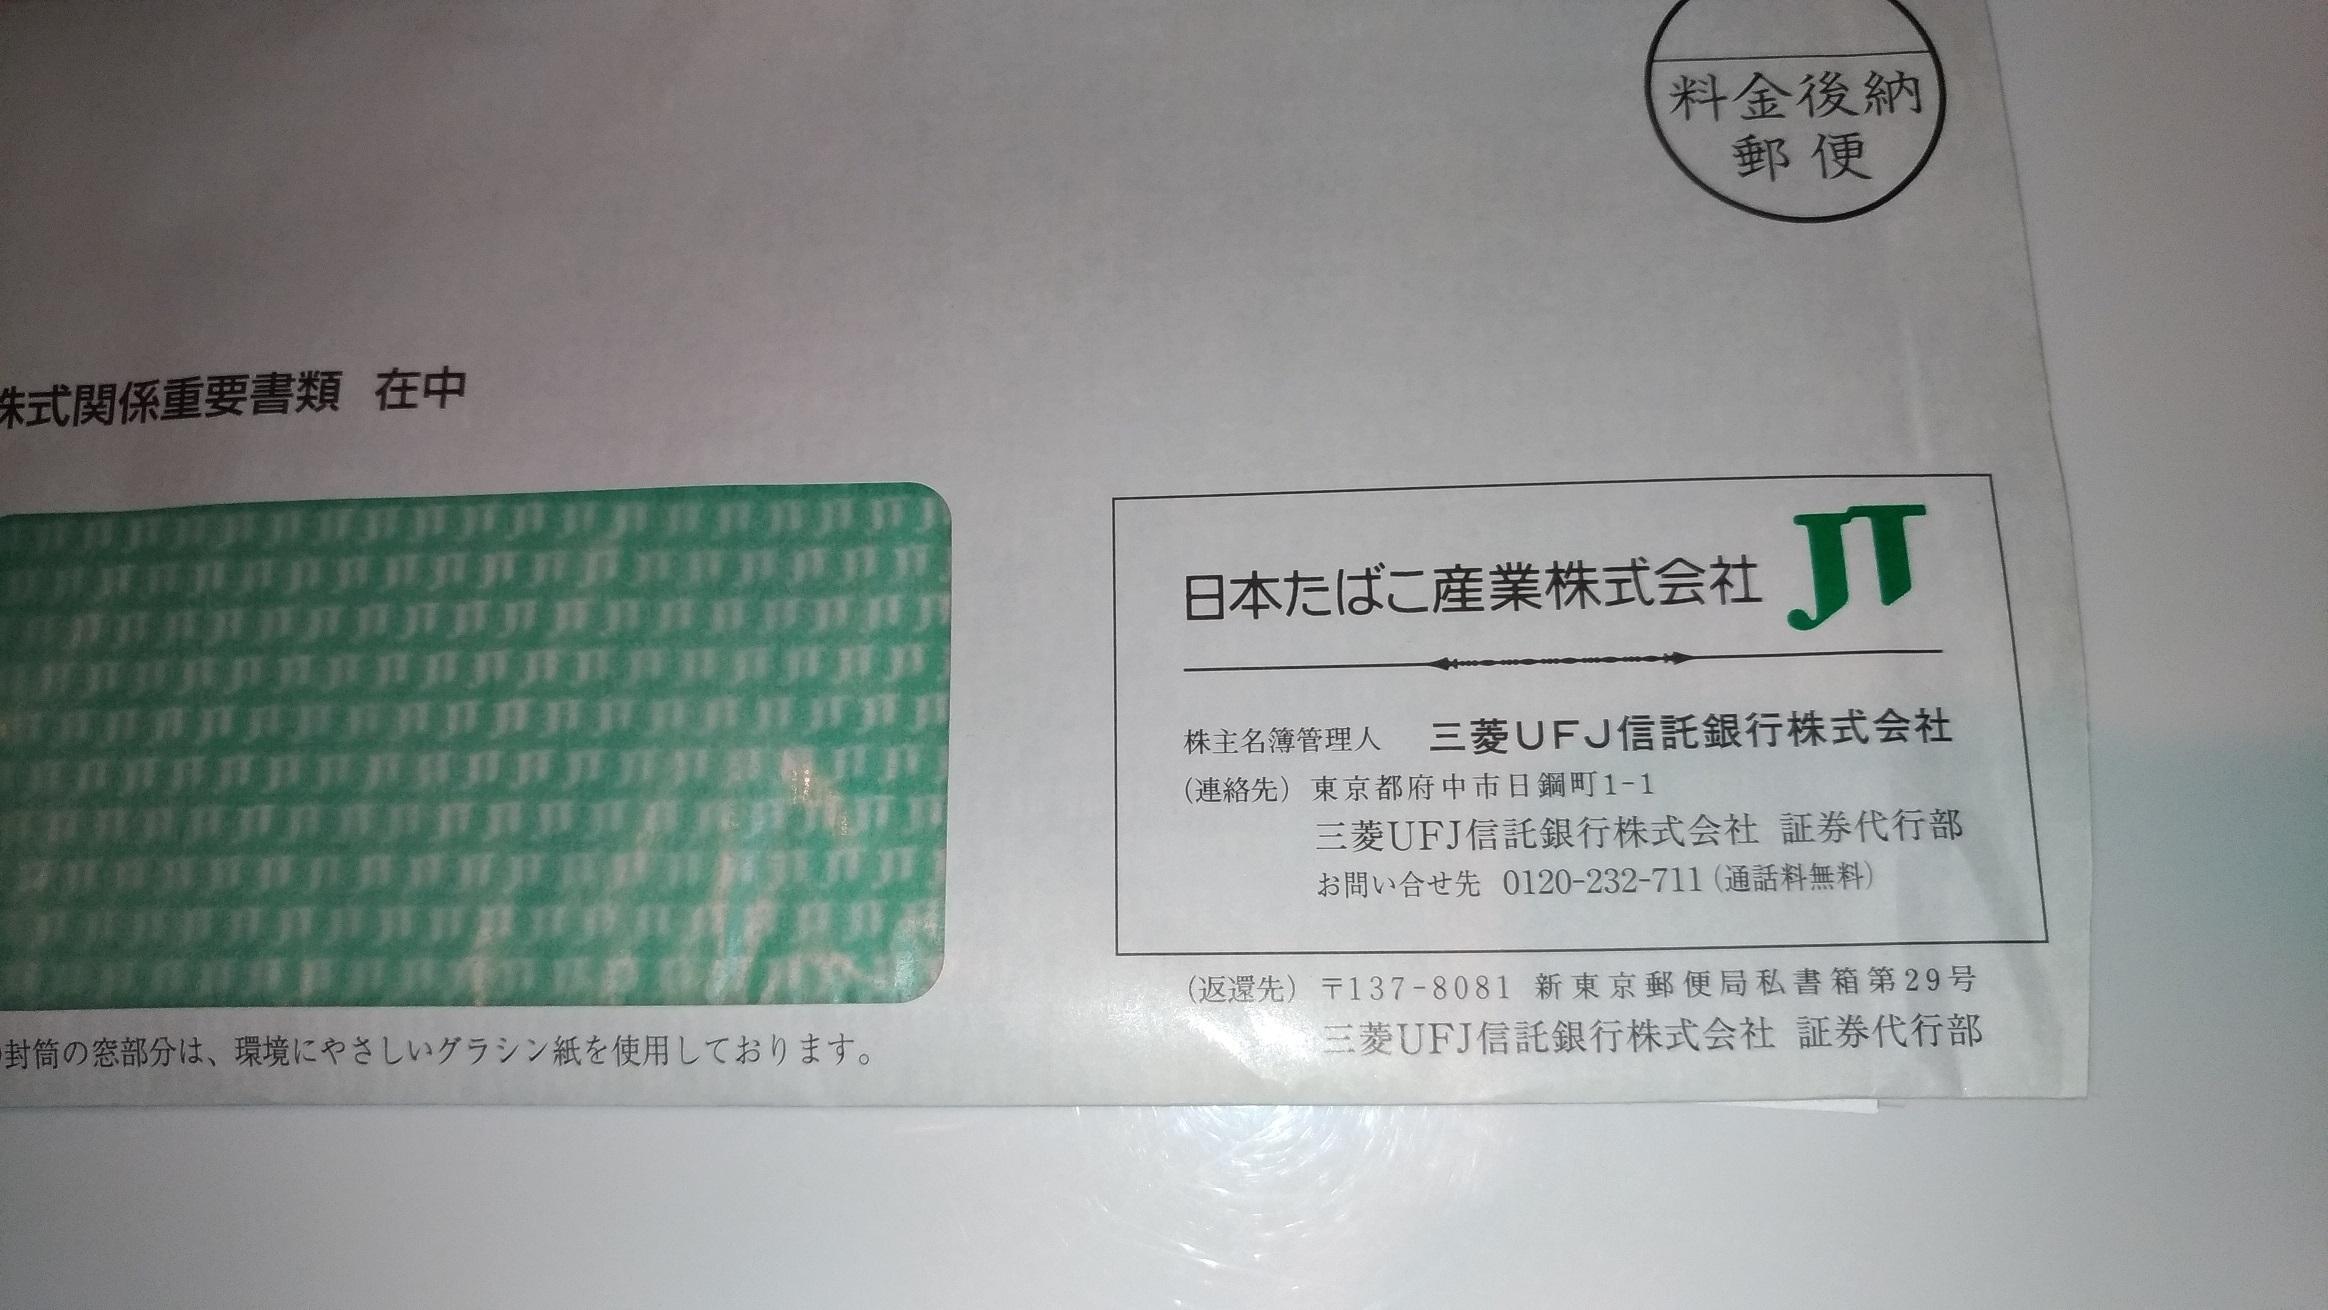 kabu_JT_0902_haito_1.jpg